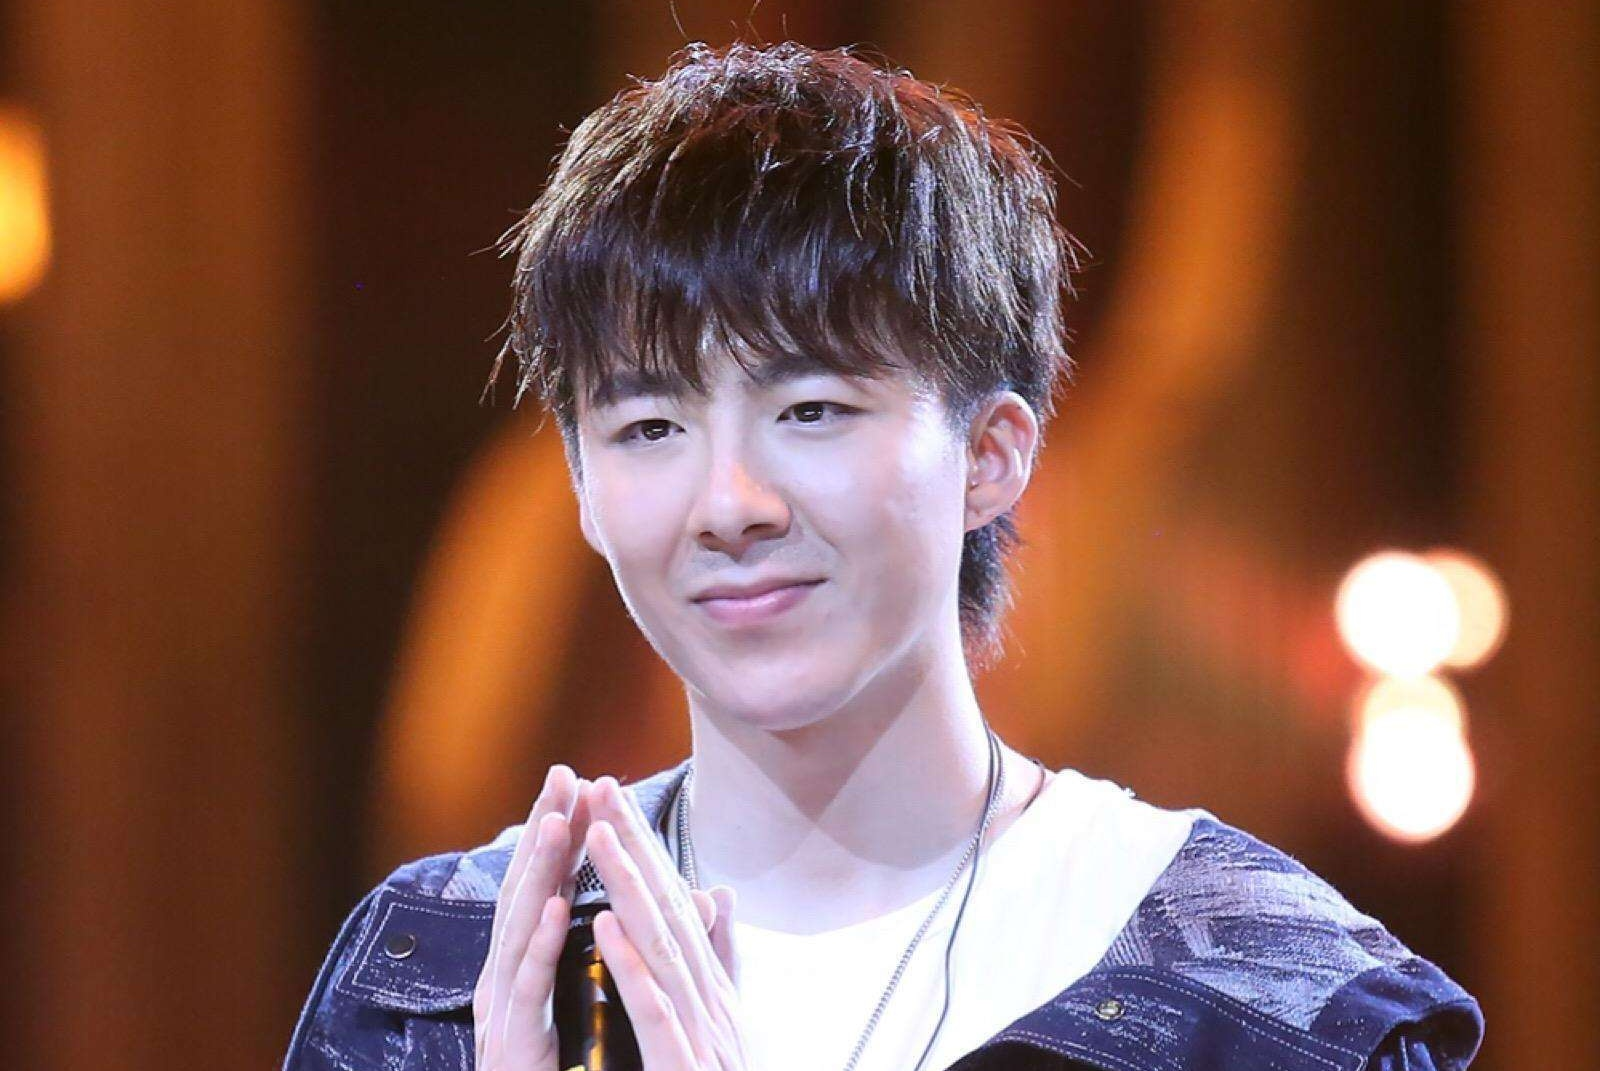 刘宇宁出席东方风云榜活动,透露两首新歌即将发行!